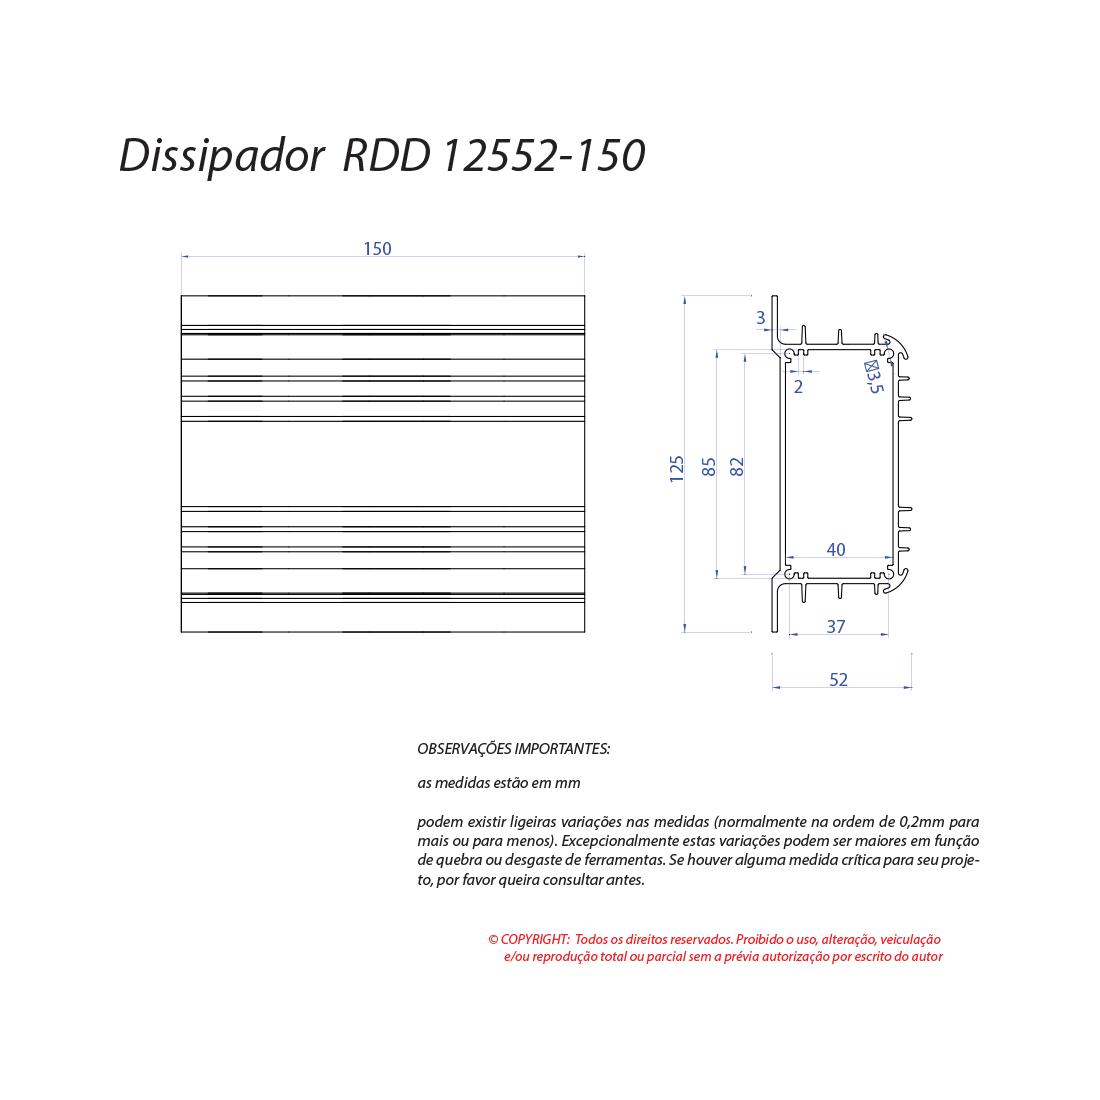 Dissipador de calor RDD 12552-150